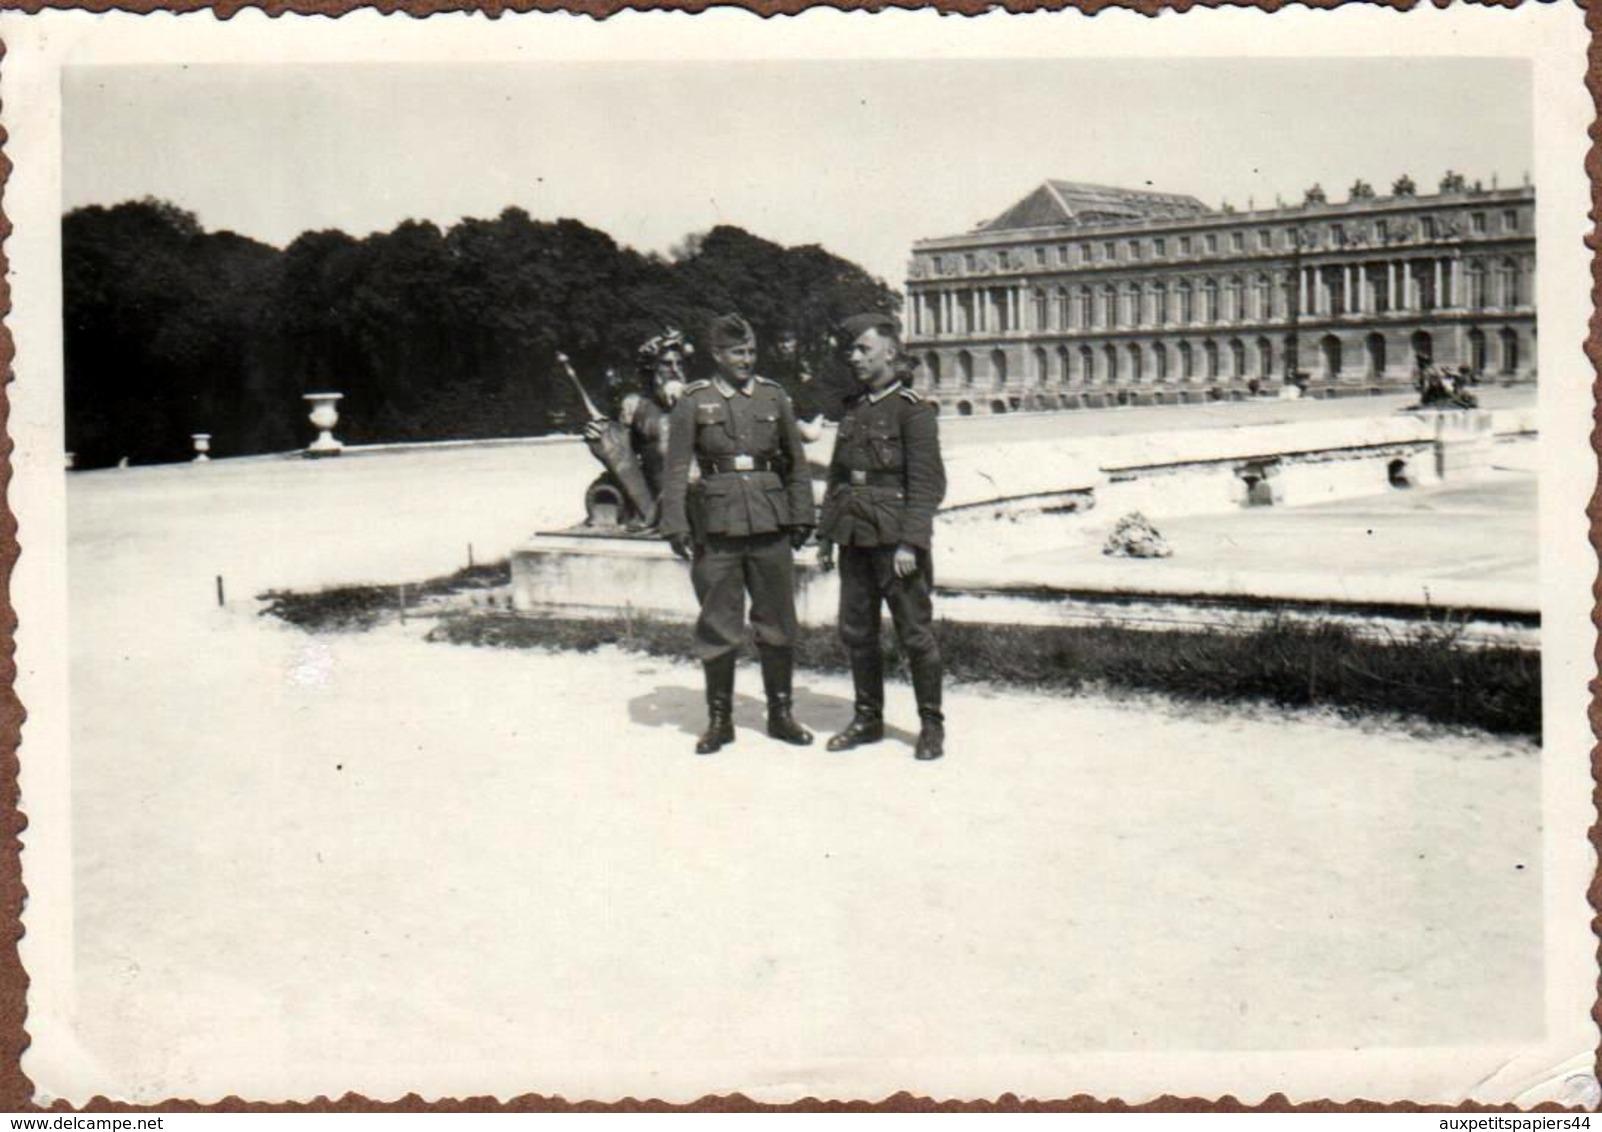 Photo Originale Guerre 1939-45 Soldats Allemands Posant Devant La Statue De Neptune Au Château De Versailles En 1940 - Guerra, Militari